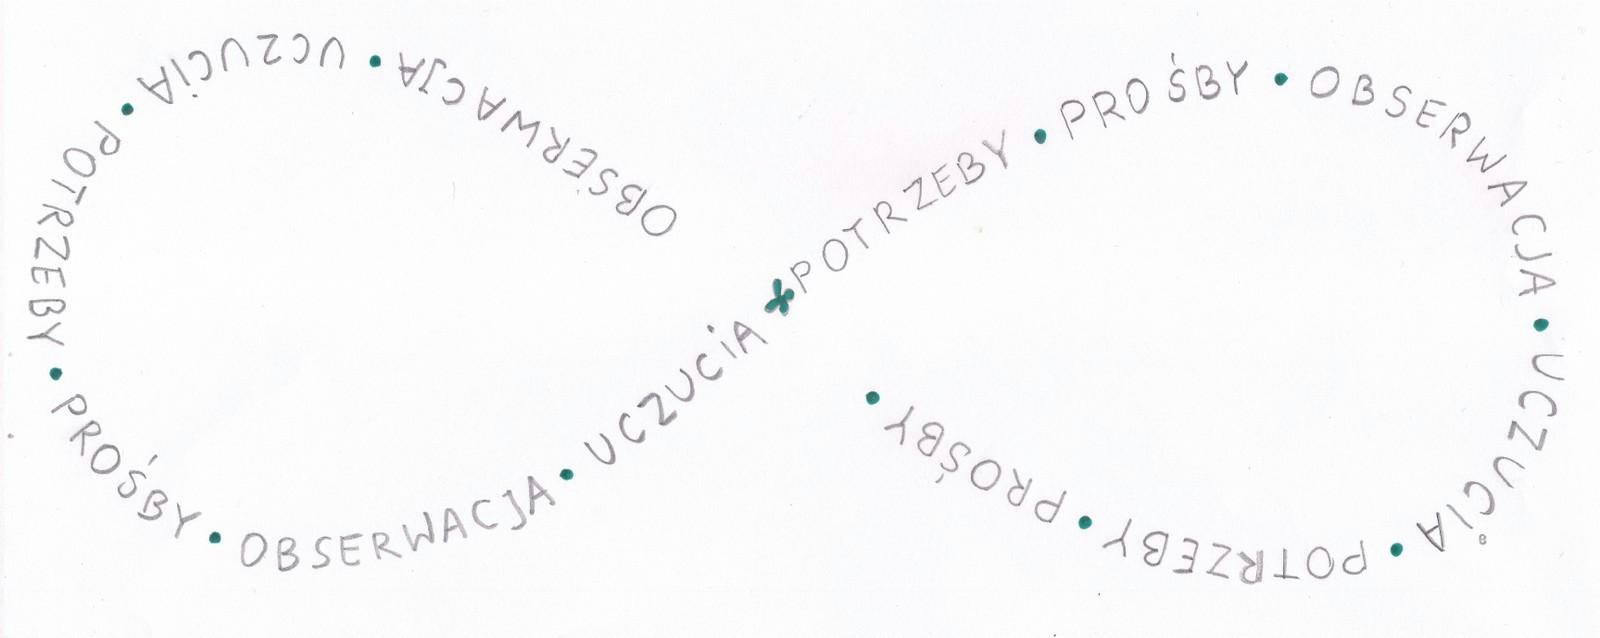 Skan_20200817 (2)-002